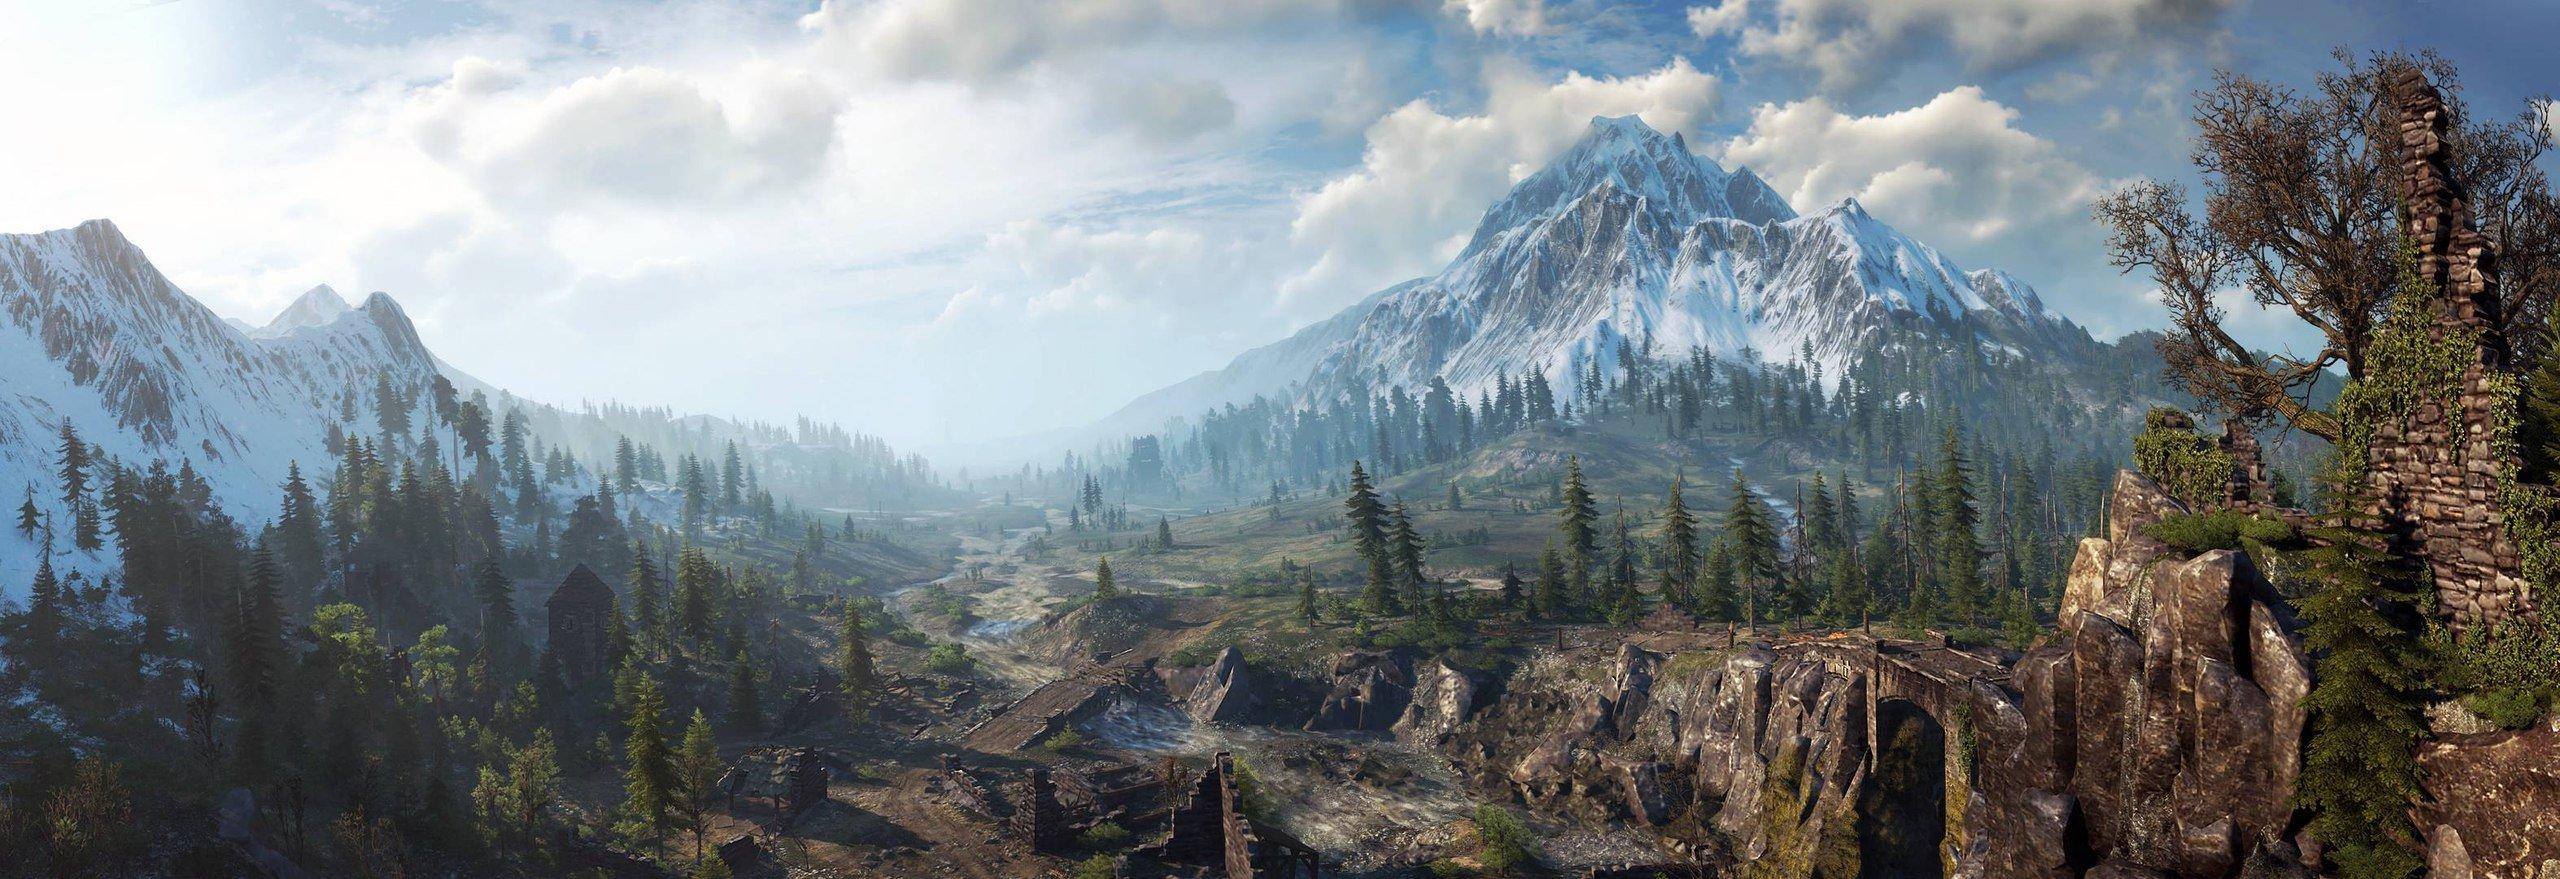 The Witcher 3: Wild Hunt. Ответы на вопросы, новые факты и информация о игре.   Сводка вопросов и ответов по игре, в ... - Изображение 6